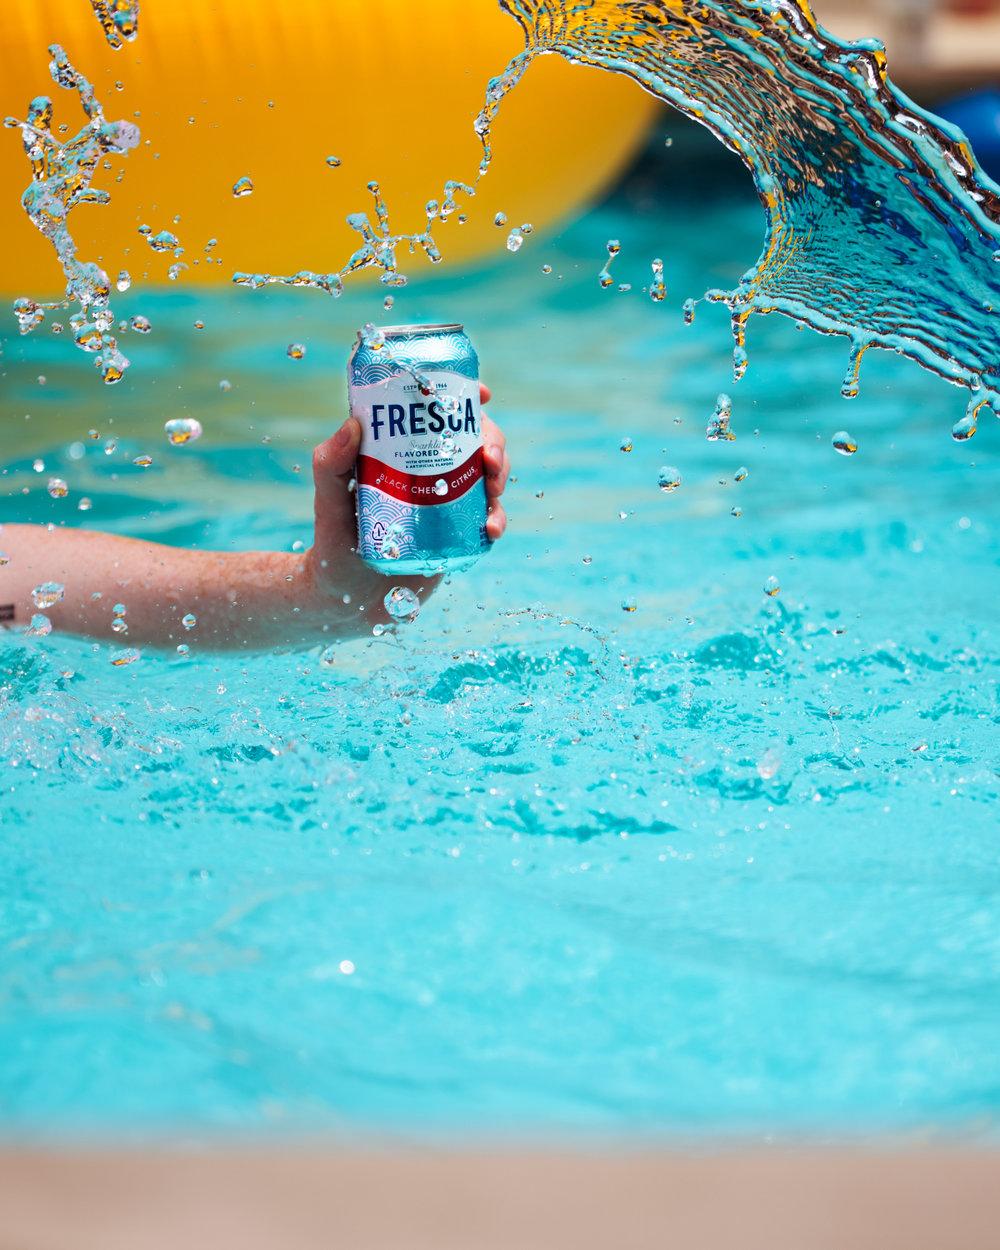 Fresca Splash.jpg